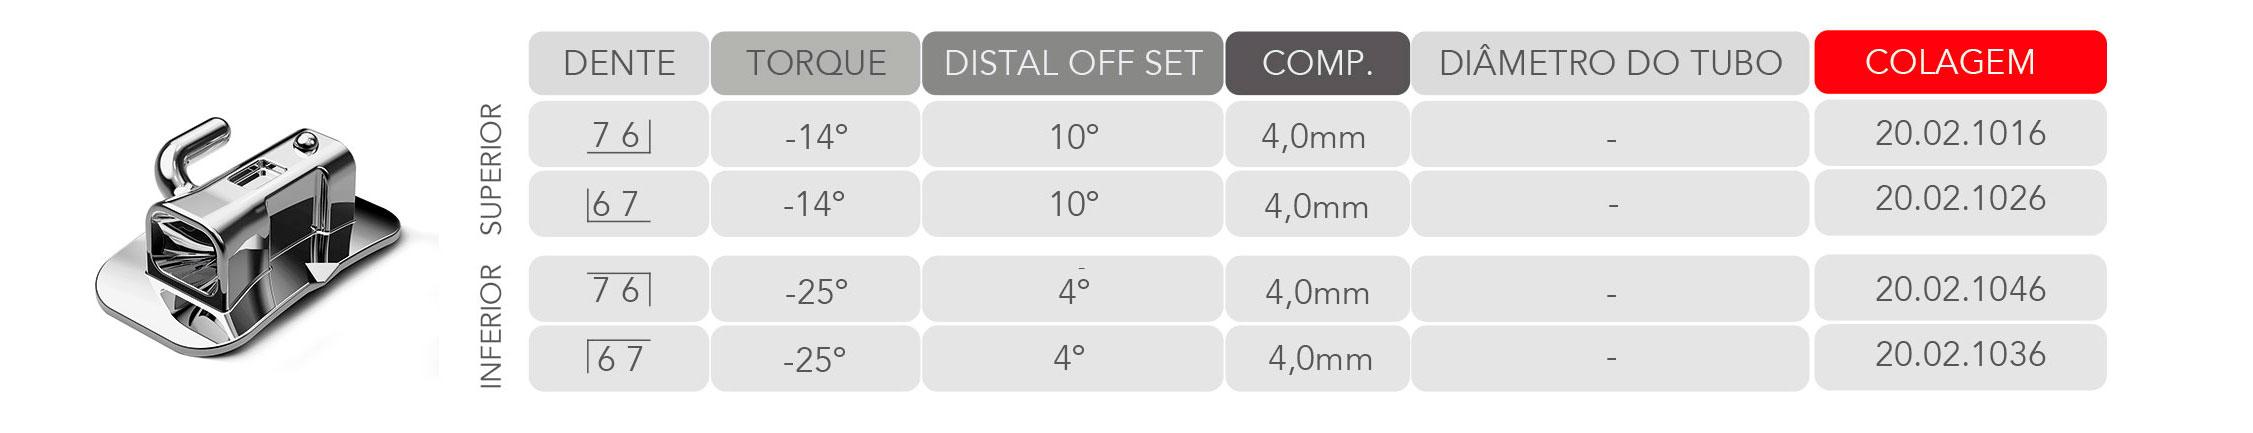 Infográfico do produto Tubo p/ Colagem Roth 0,022'' - Simples 1º Molar Inferior Direito